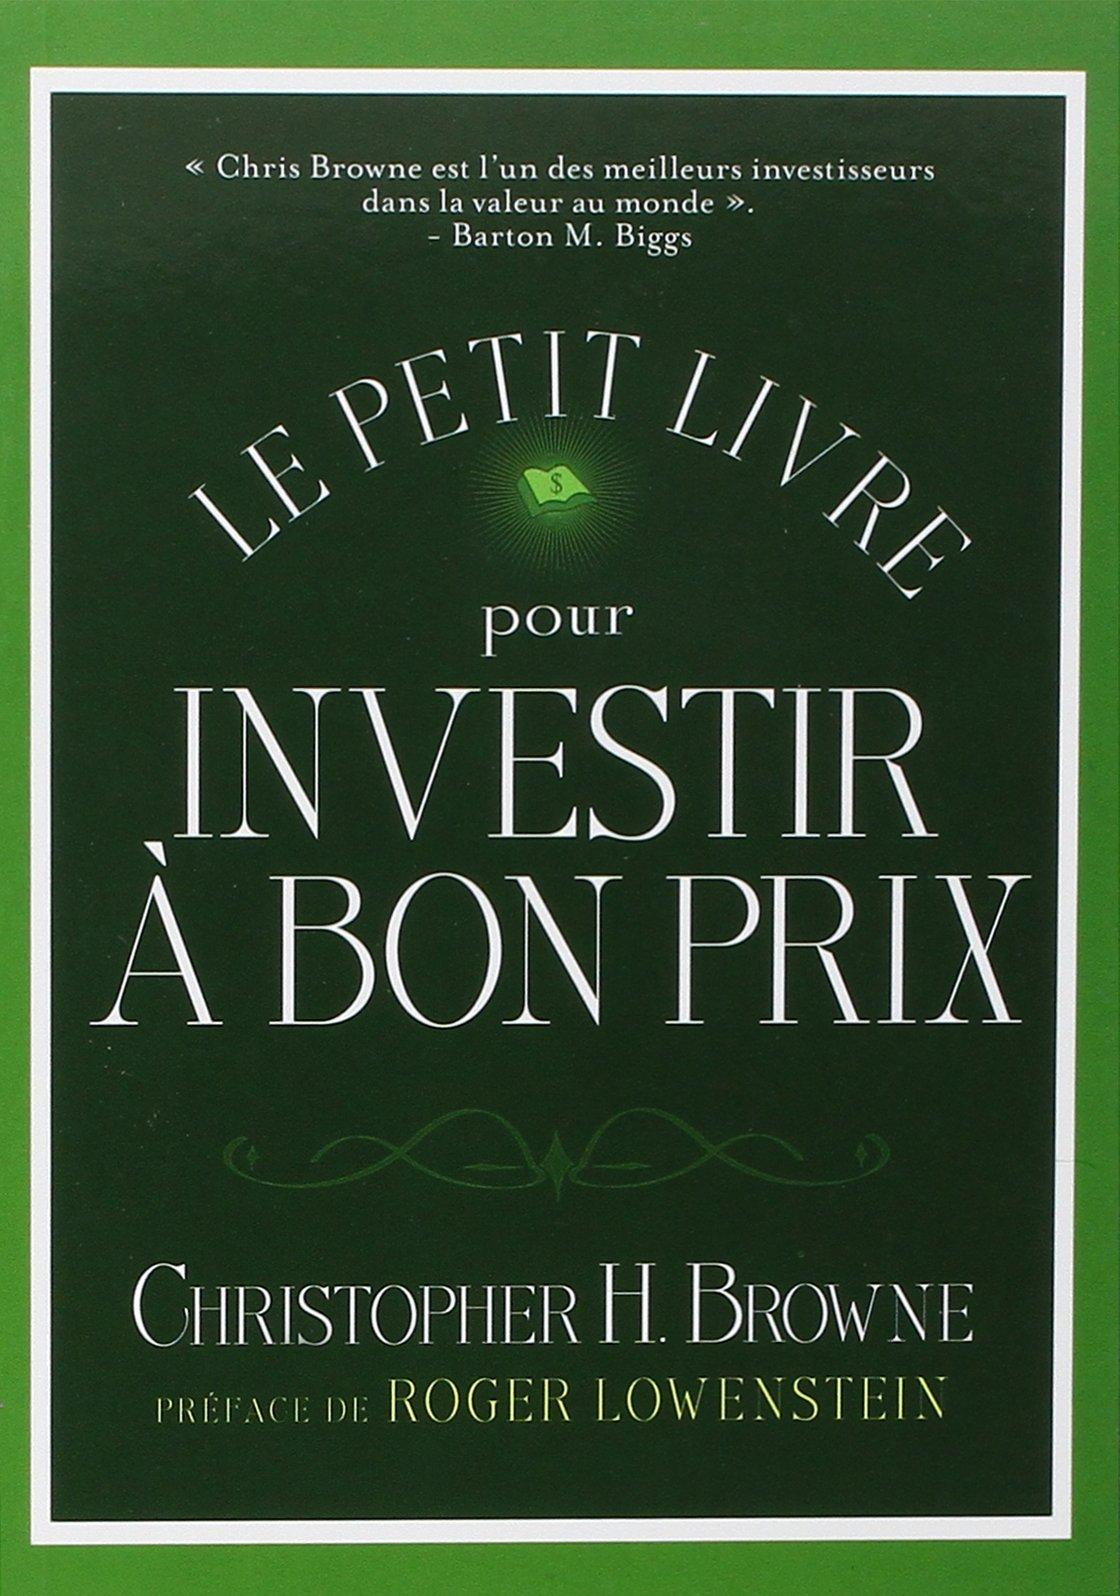 Le petit livre pour investir à bon prix Broché – 21 mars 2008 Christopher BROWNE Valor 2909356728 Bourse